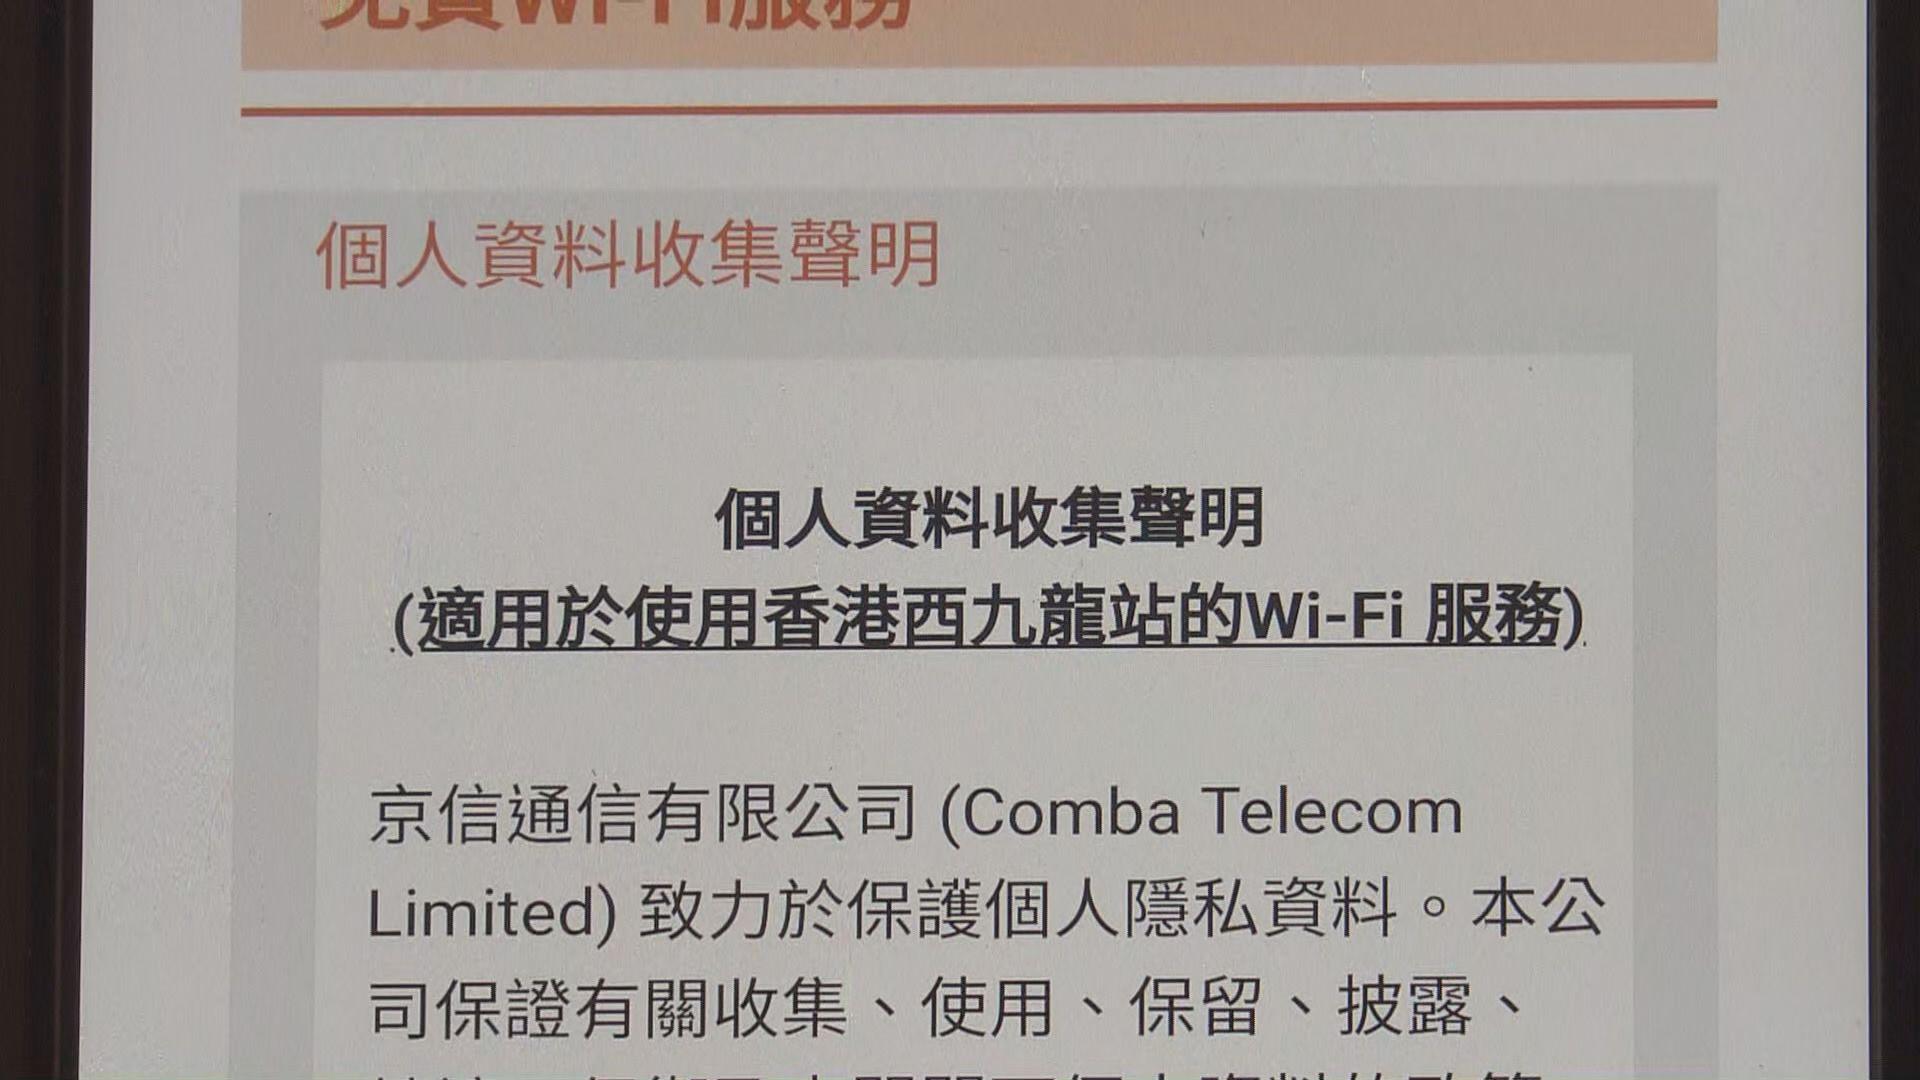 高鐵西九站WiFi供應商修改收集資料聲明